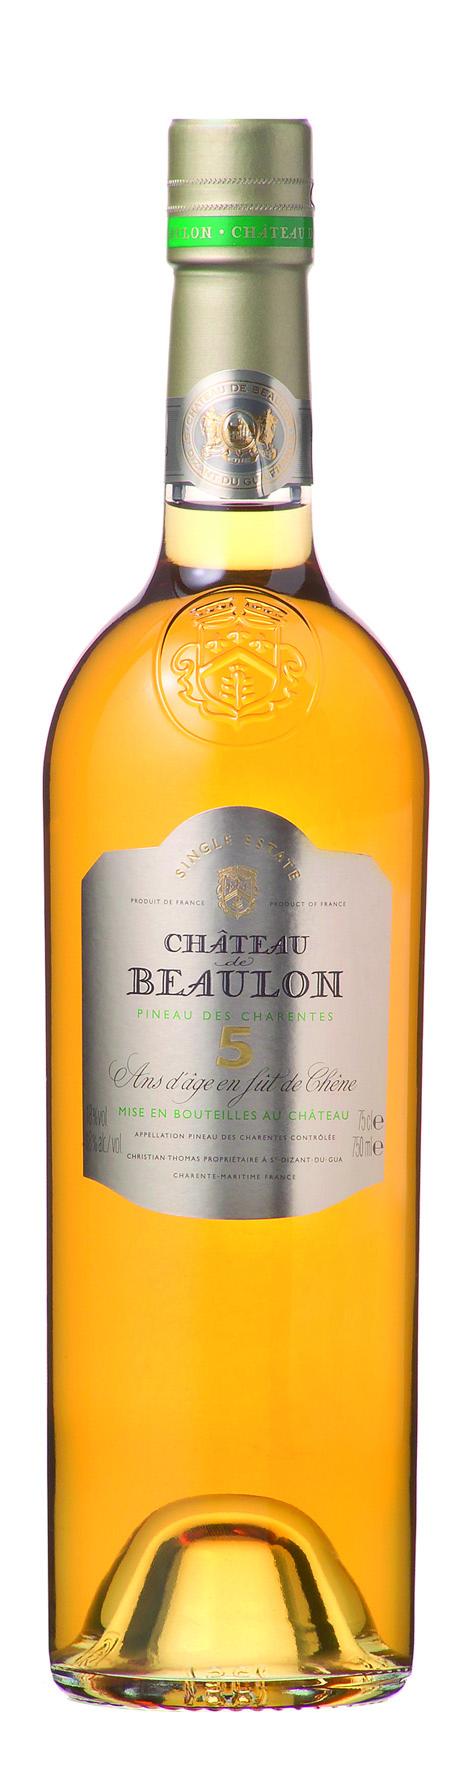 Château de Beaulon Pineau des Charentes, Blanc 5 Ans